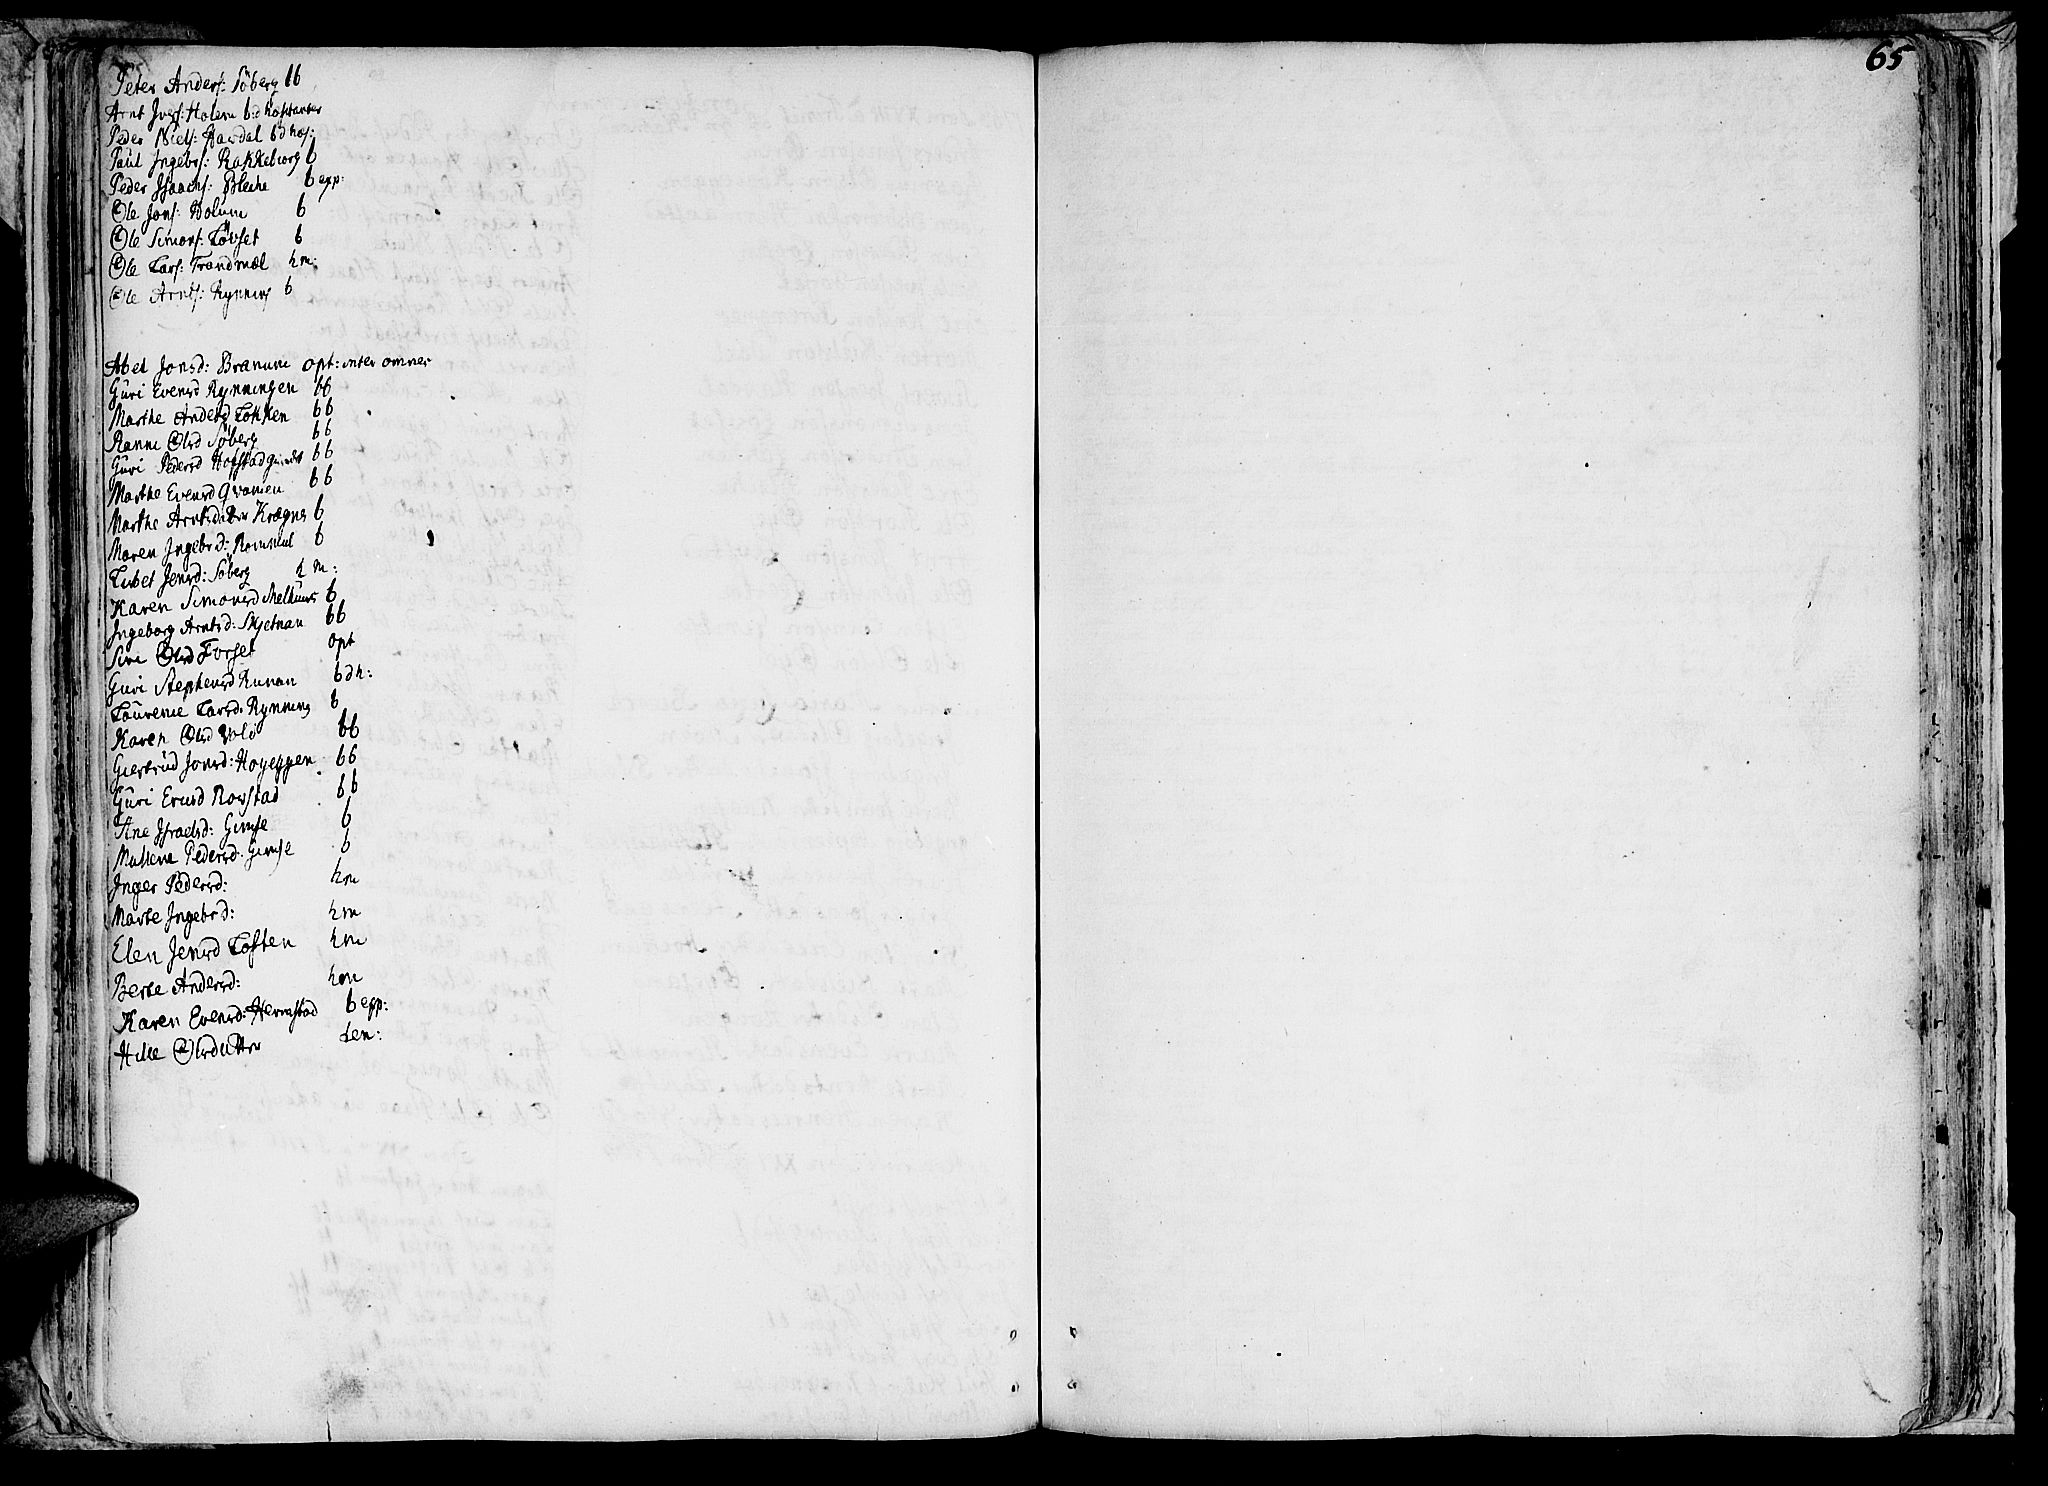 SAT, Ministerialprotokoller, klokkerbøker og fødselsregistre - Sør-Trøndelag, 691/L1057: Ministerialbok nr. 691A01 /1, 1740-1767, s. 65